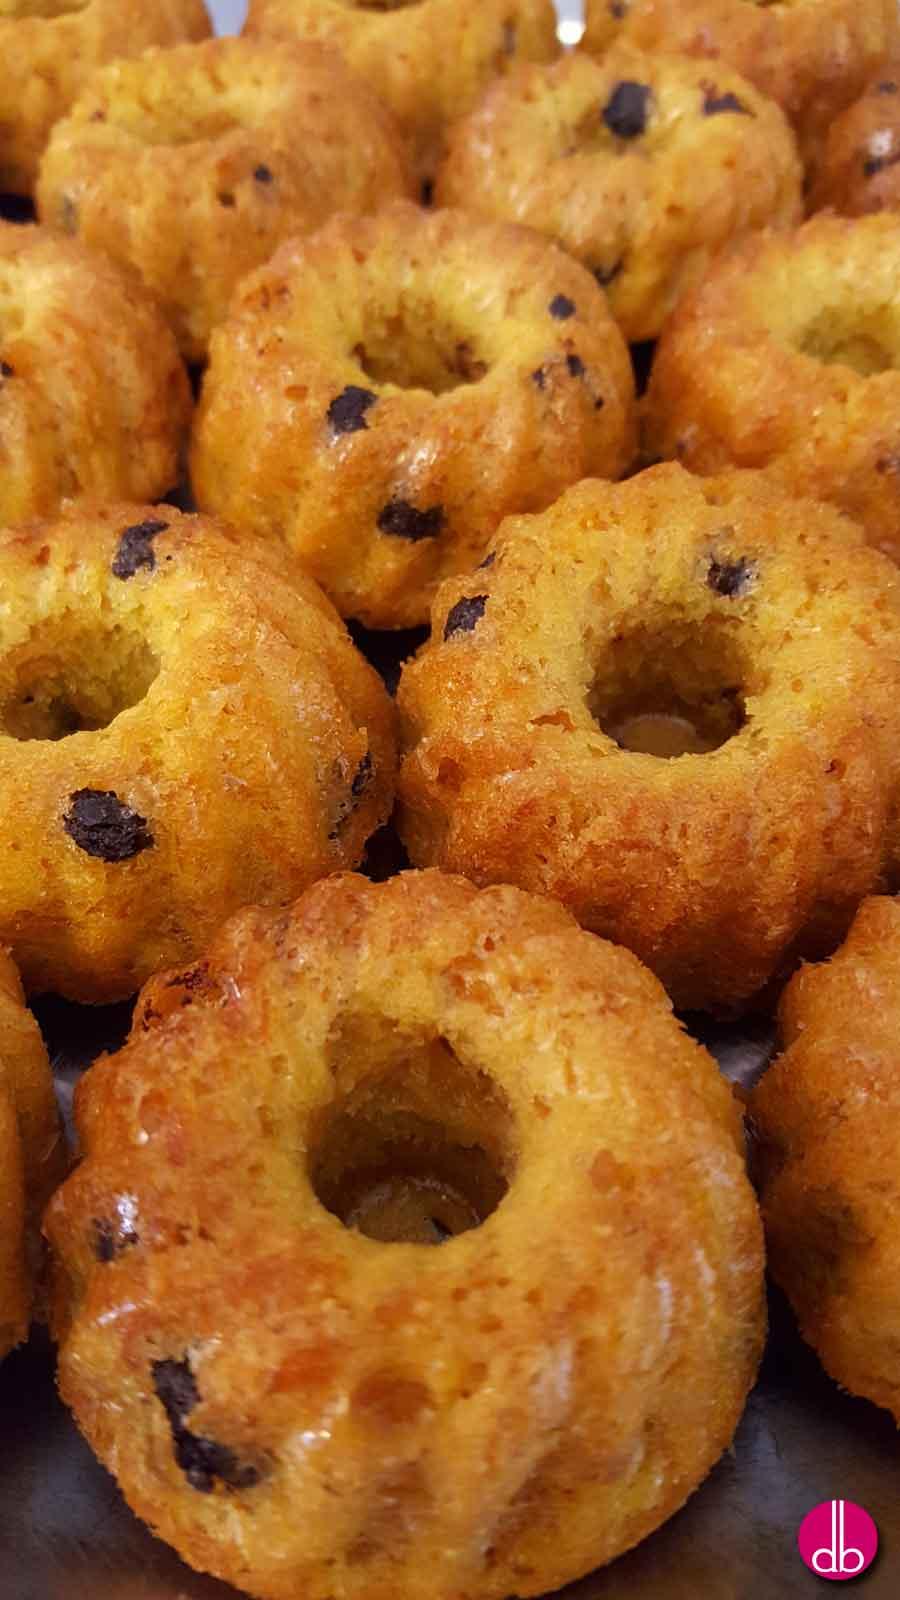 Back Rezept Karottenkuchen Mit Schokoflocken Ohne Butter Deli